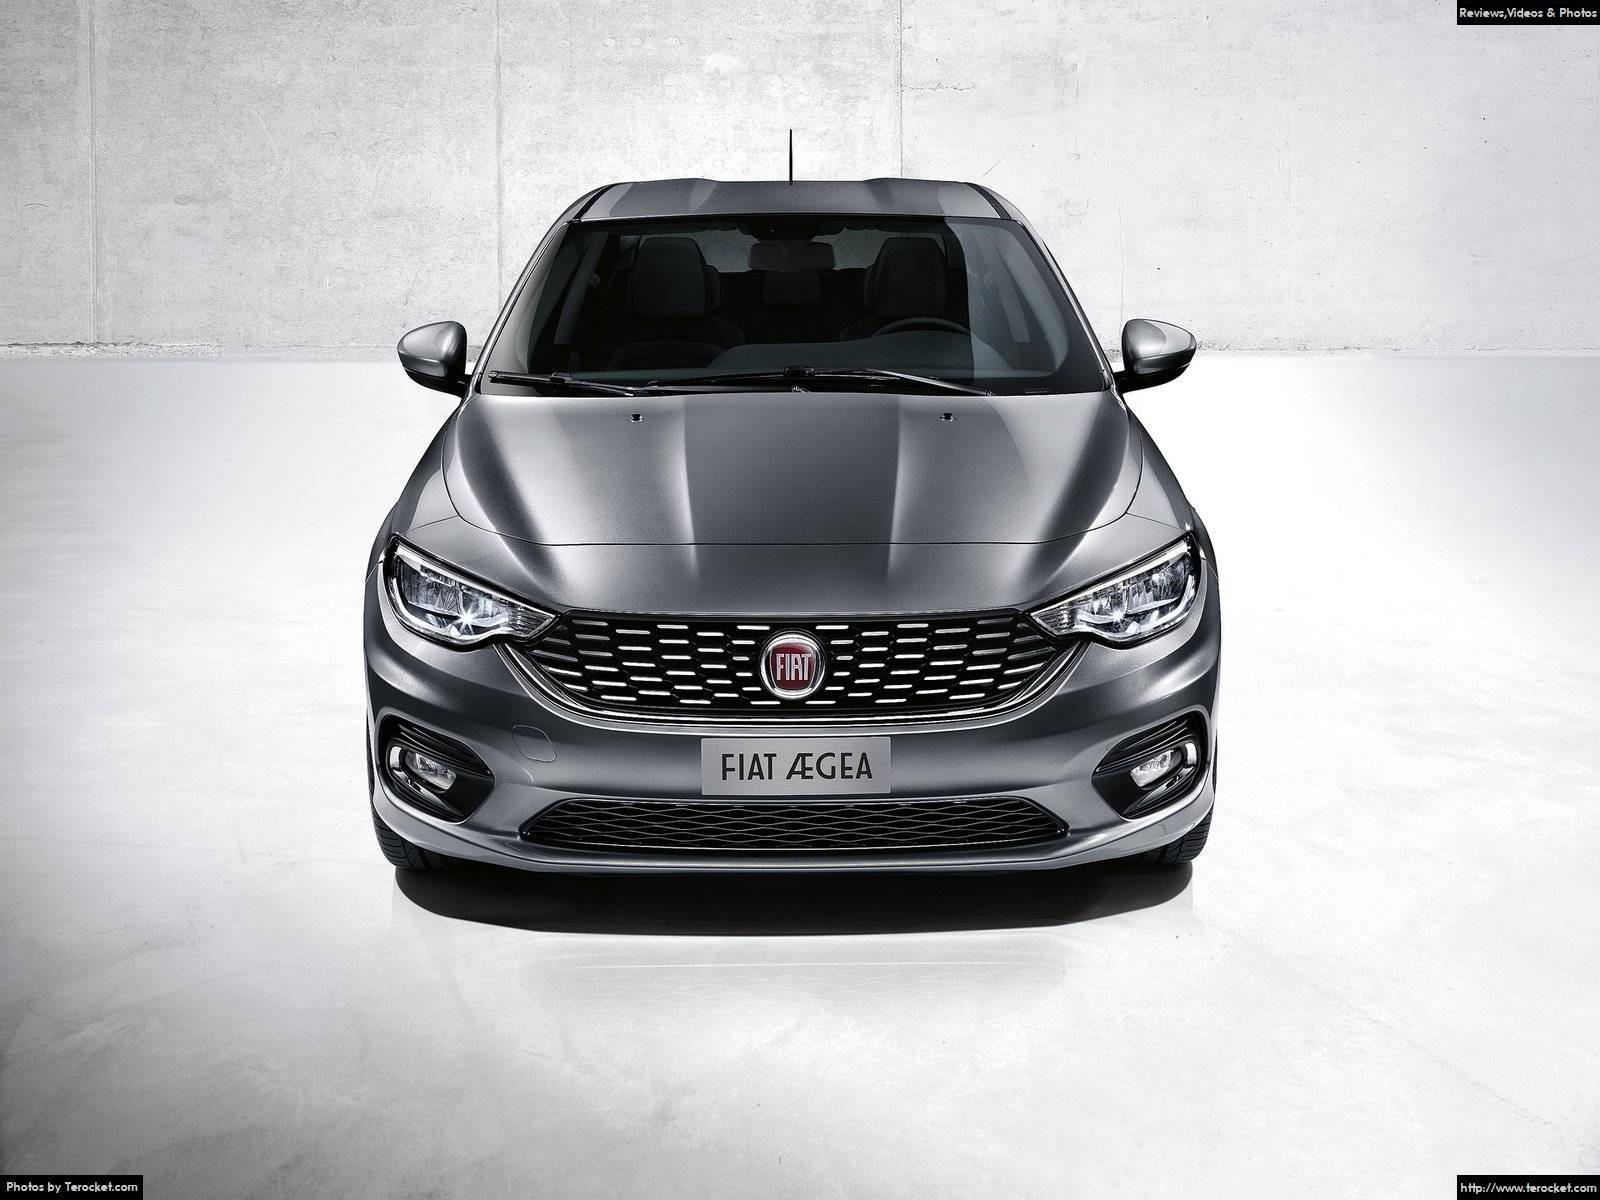 Hình ảnh xe ô tô Fiat Aegea 2016 & nội ngoại thất